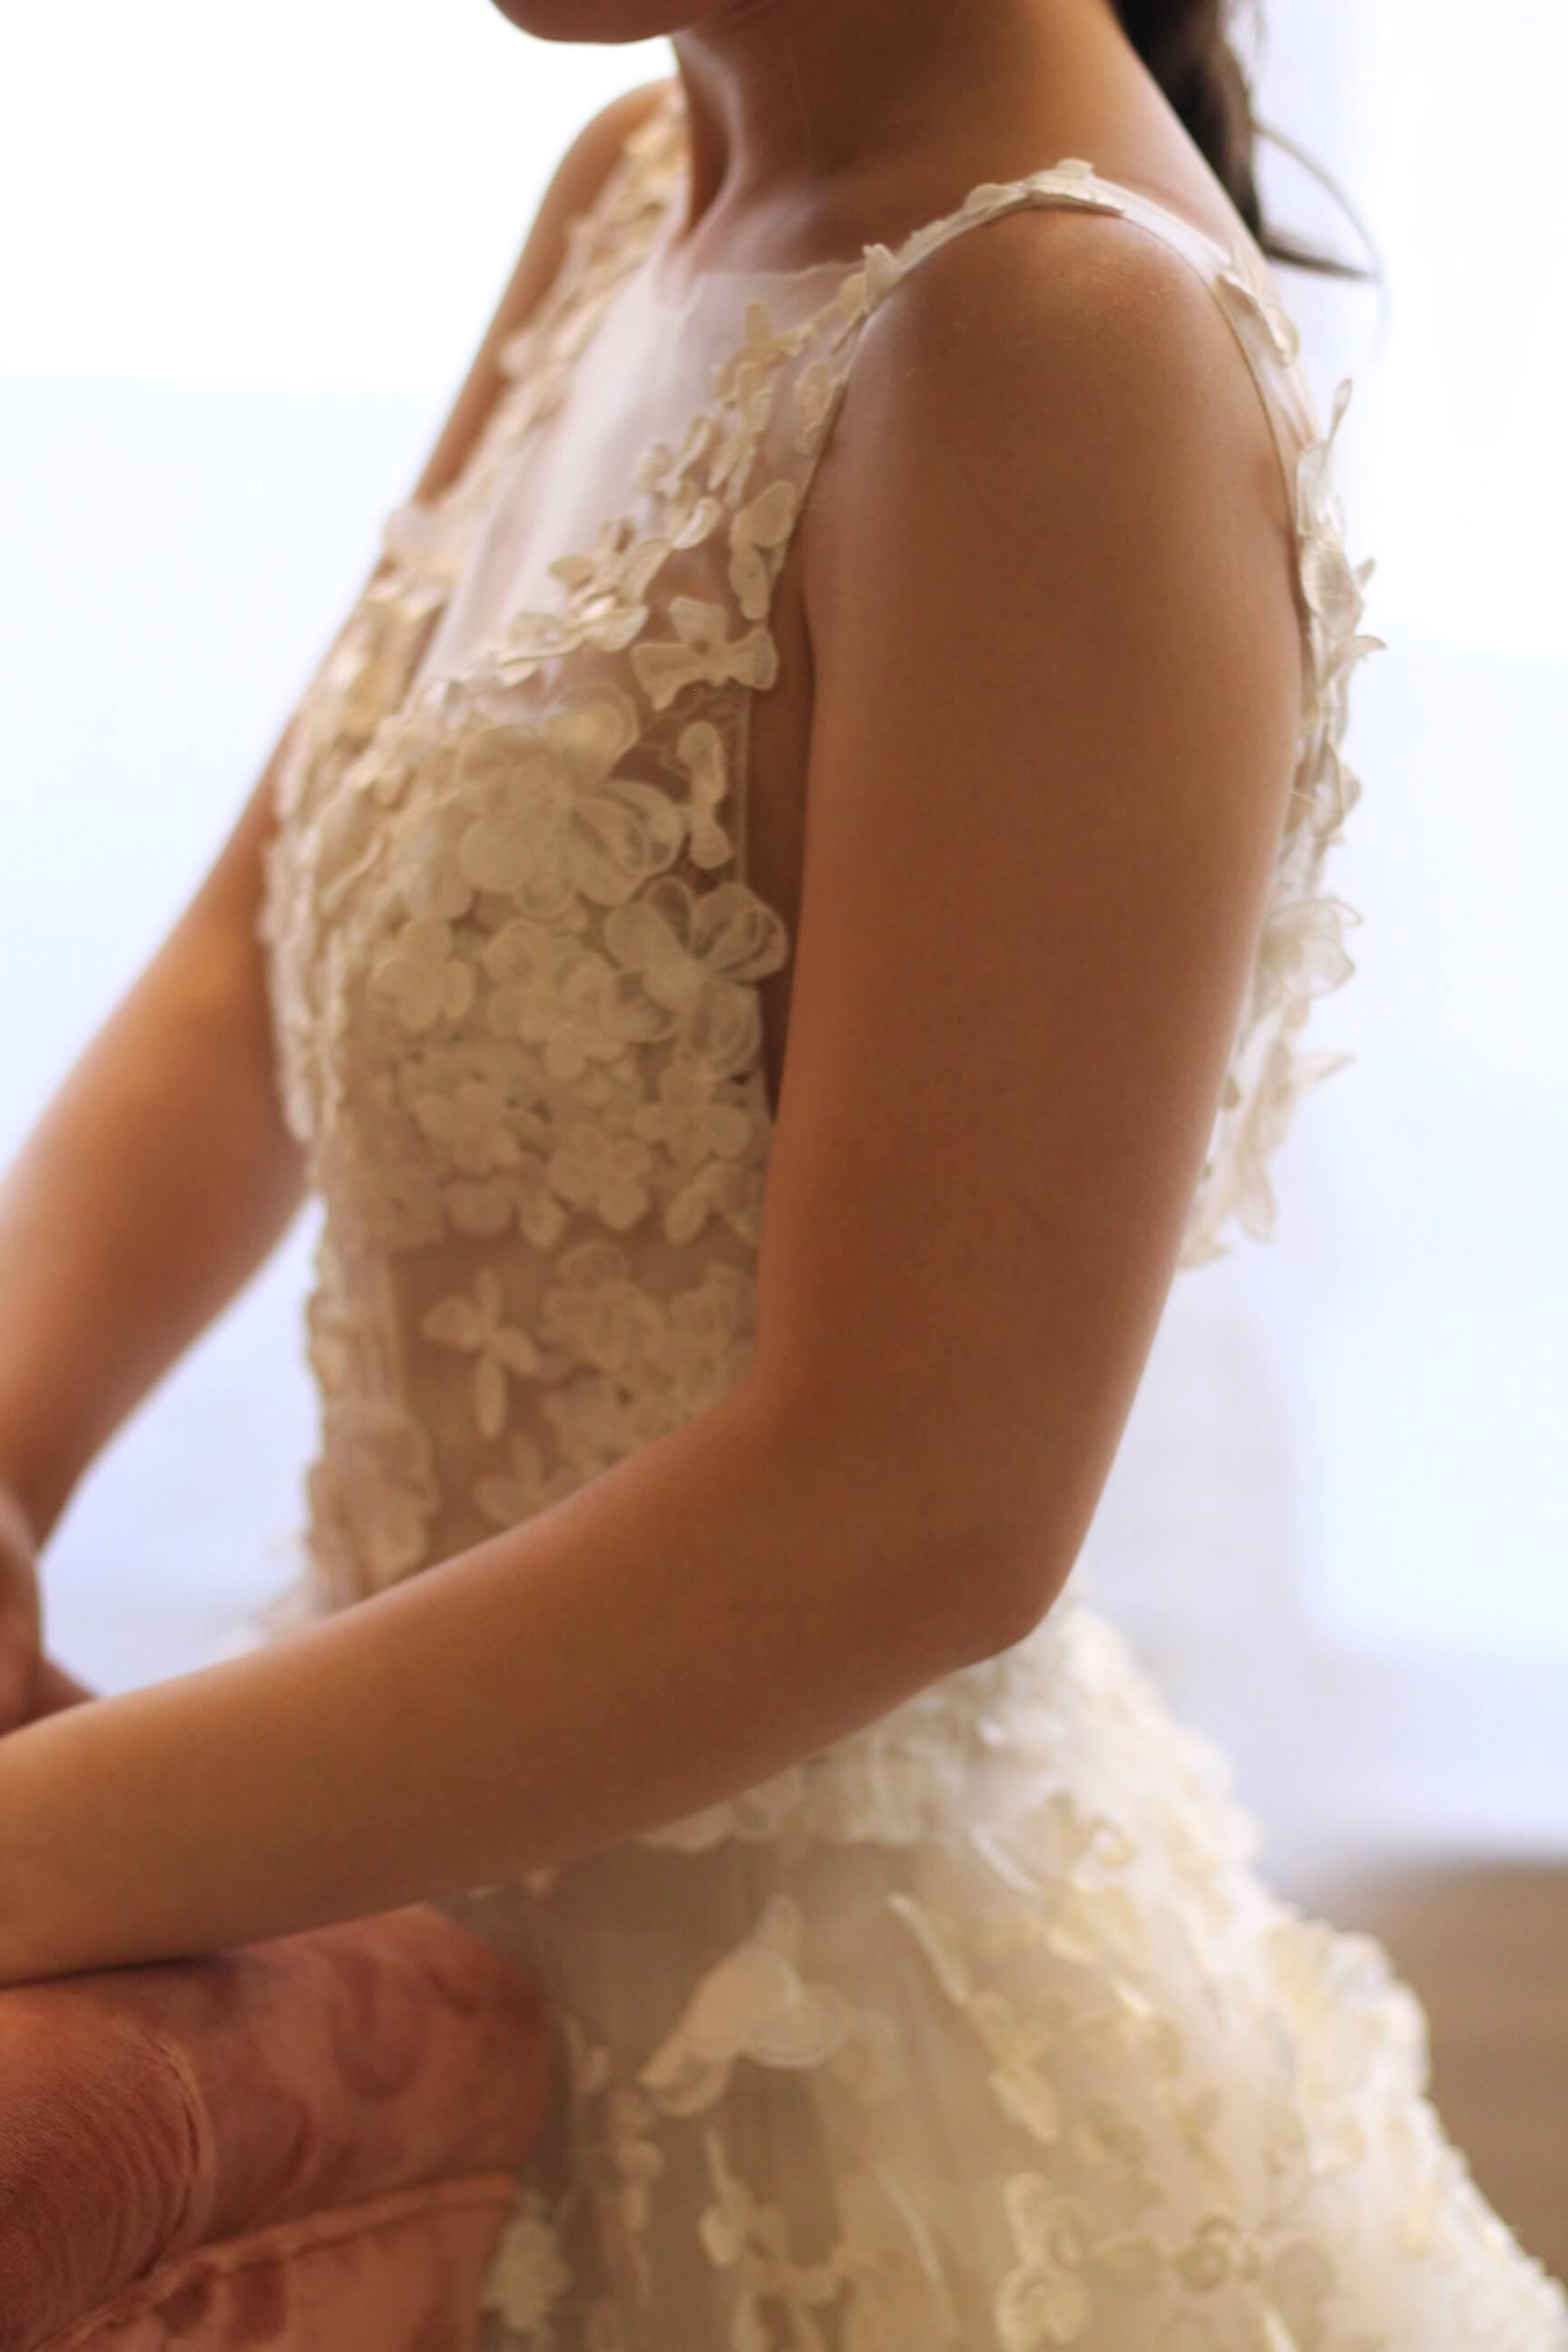 東京の結婚式場赤坂プリンスクラシックハウスやパレスホテル東京で挙式の方におすすめのフェミニンでナチュラルなウェディングドレス